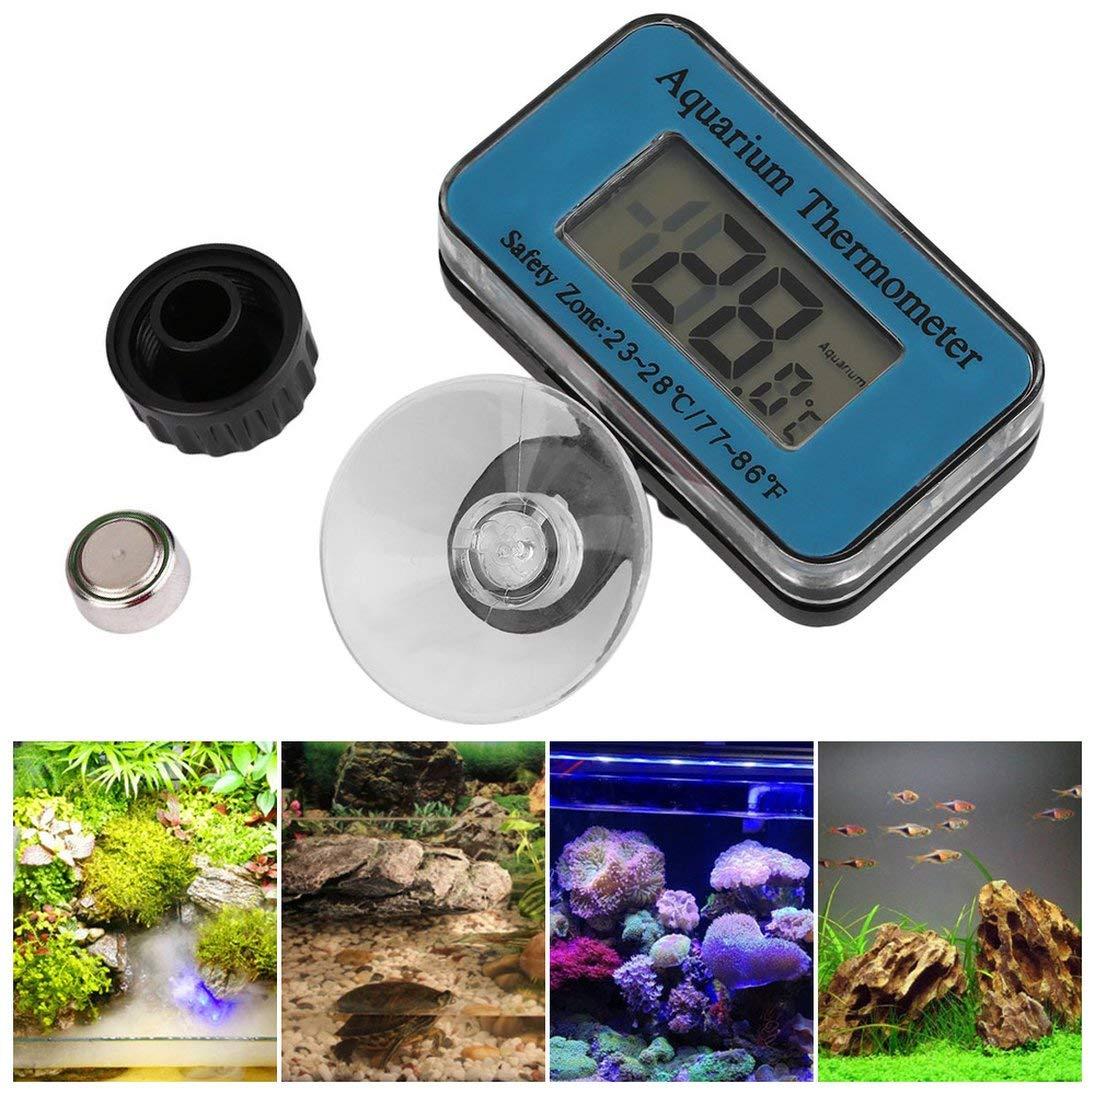 ToGames 1 unid Digital sumergible pecera acuario LCD term/ómetro medidor de temperatura env/ío gratis